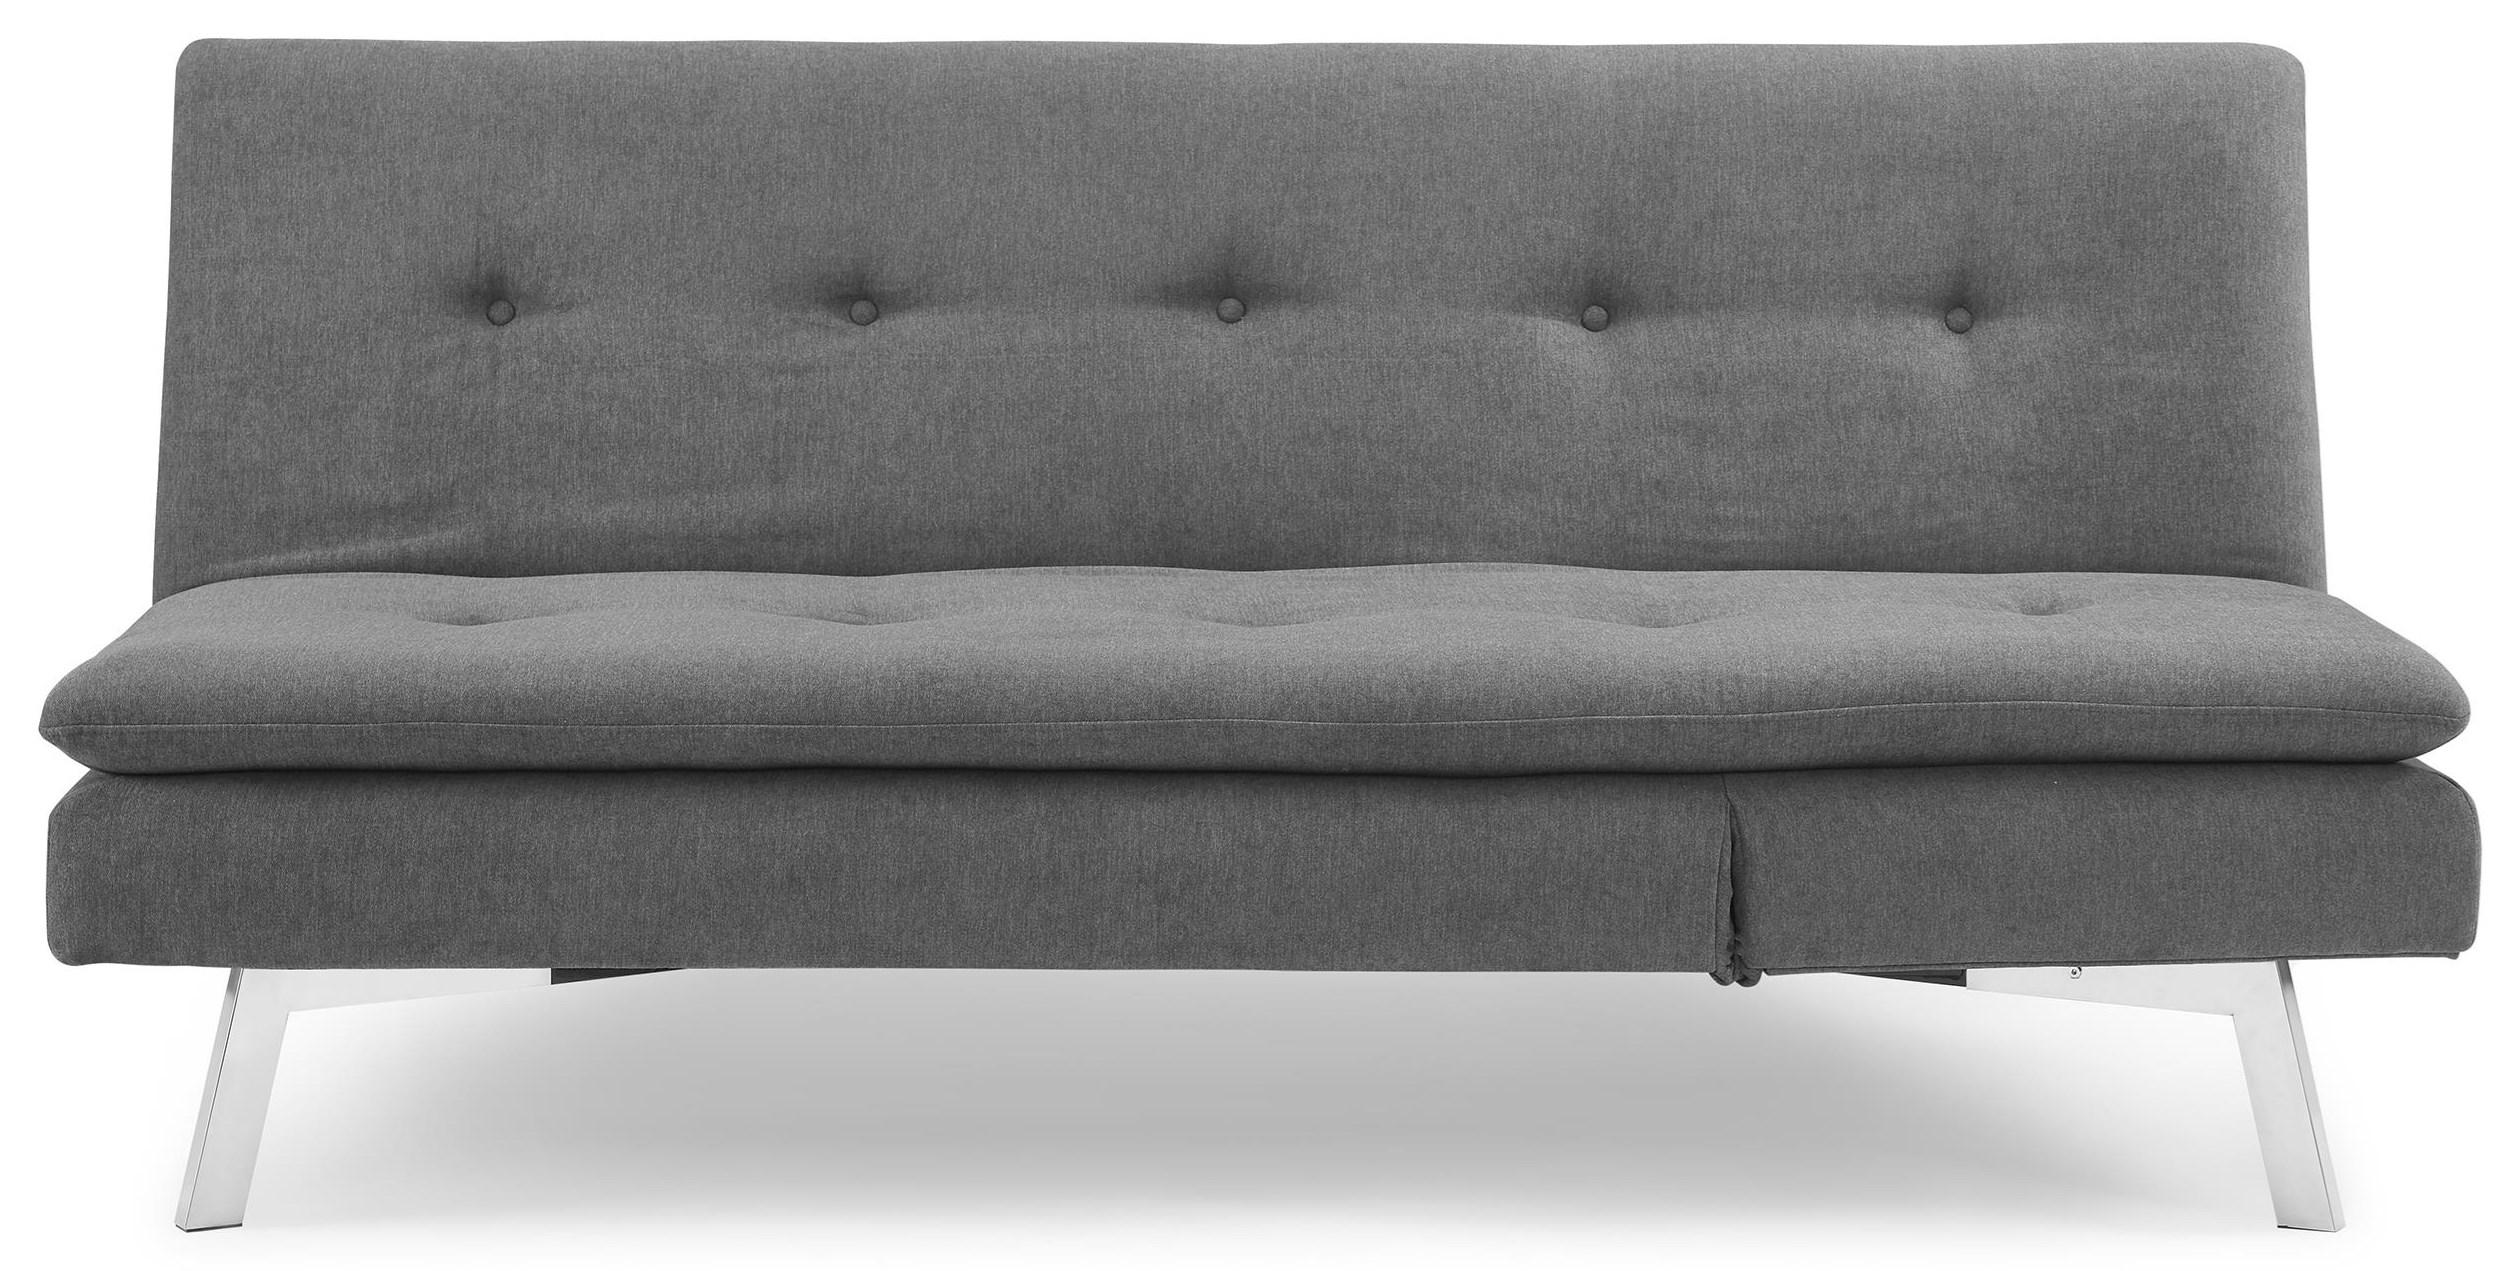 Full Split Back Sofa Bed